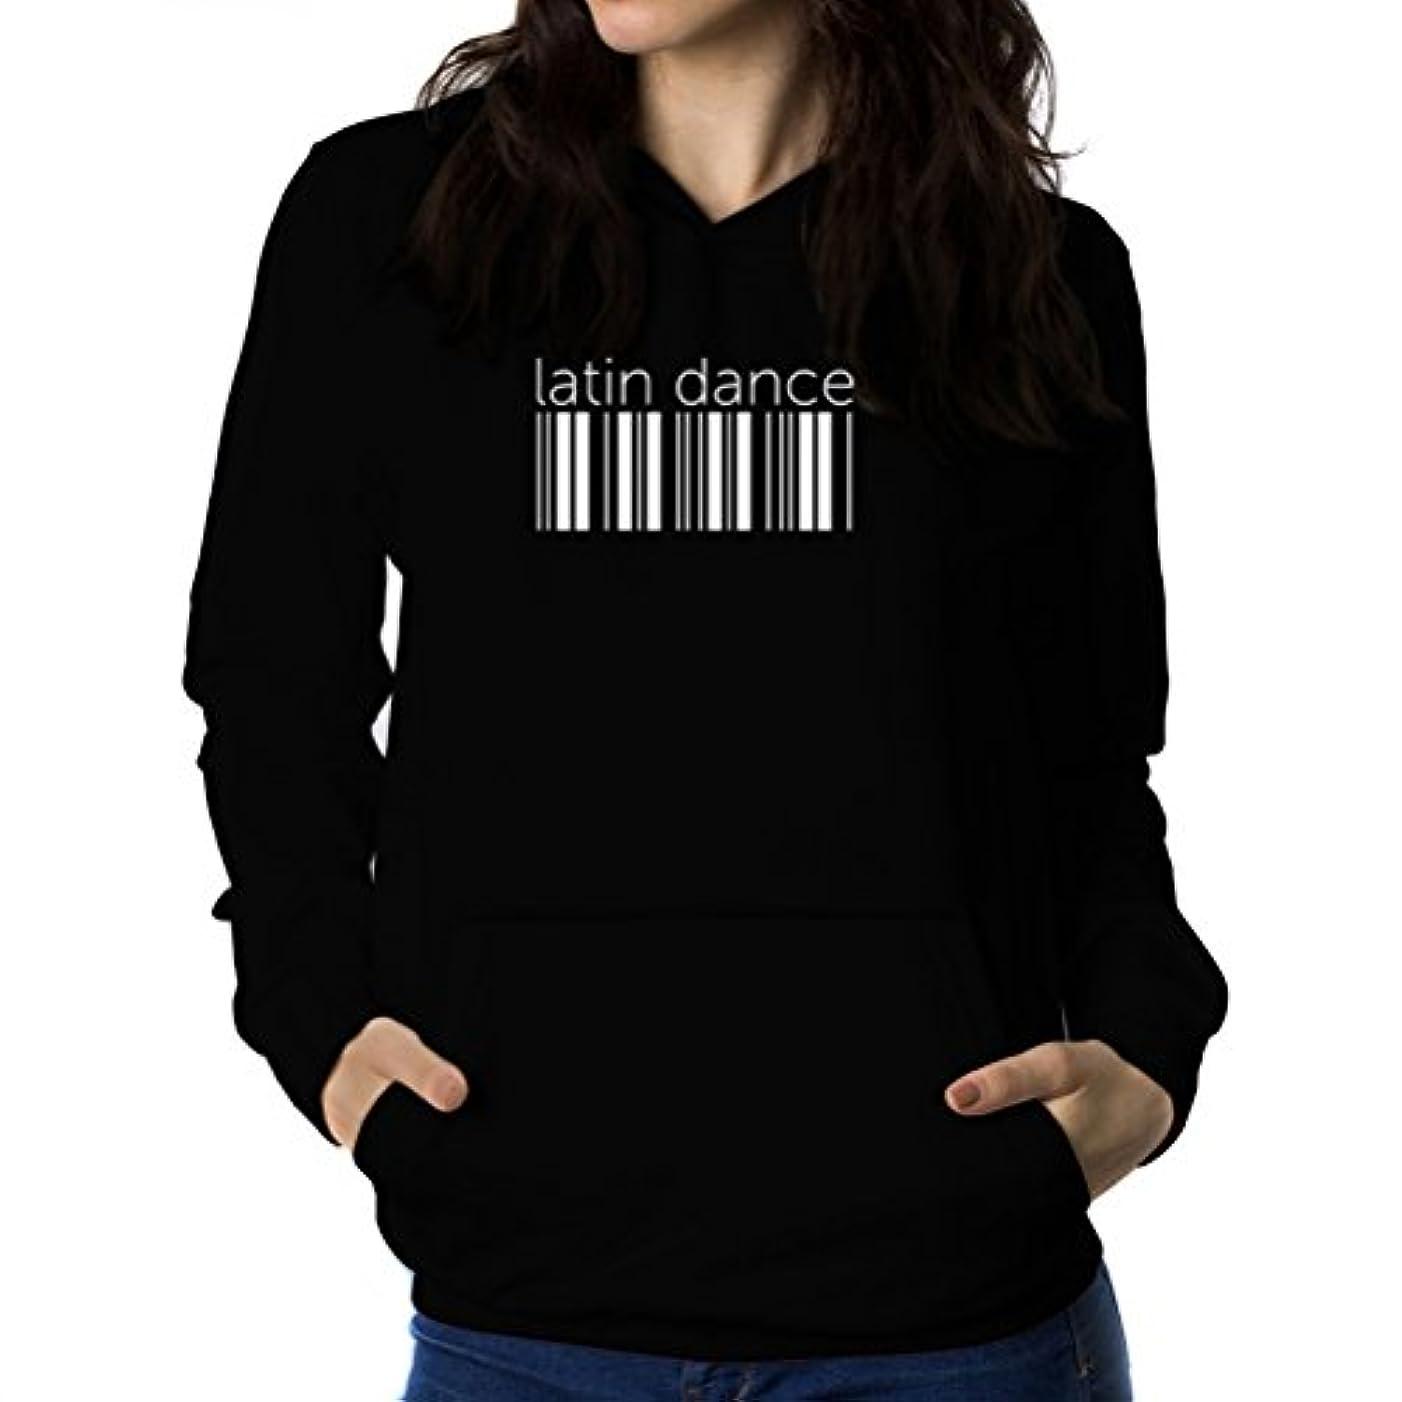 曲げる案件スチュアート島Latin Dance barcode 女性 フーディー